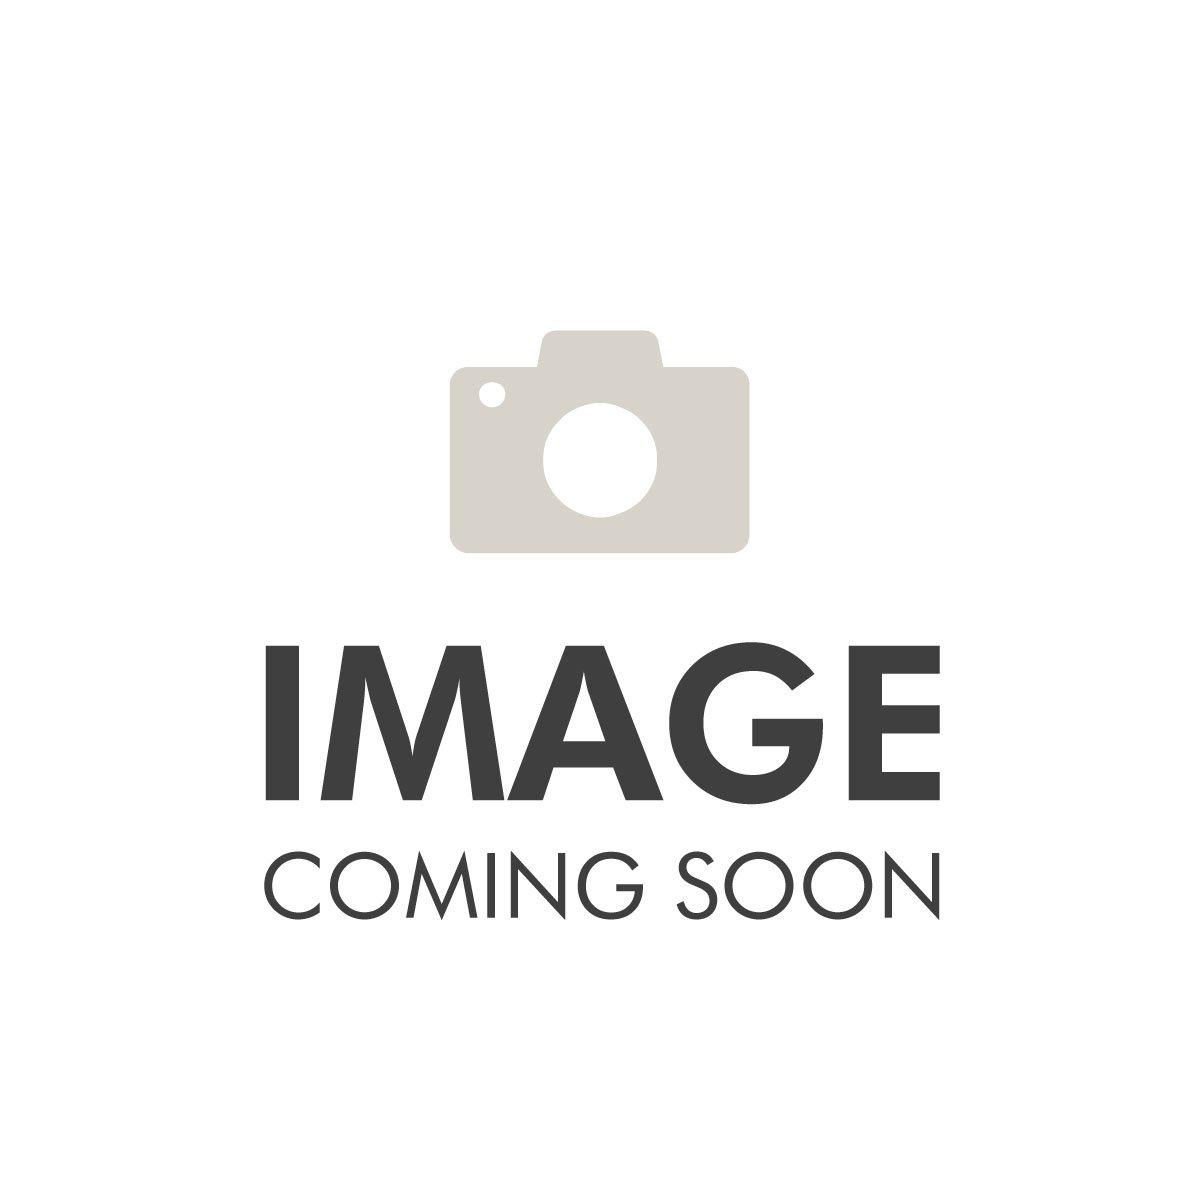 Clarins Multi-Régénérante Masque Multi-Régénérant 75ml